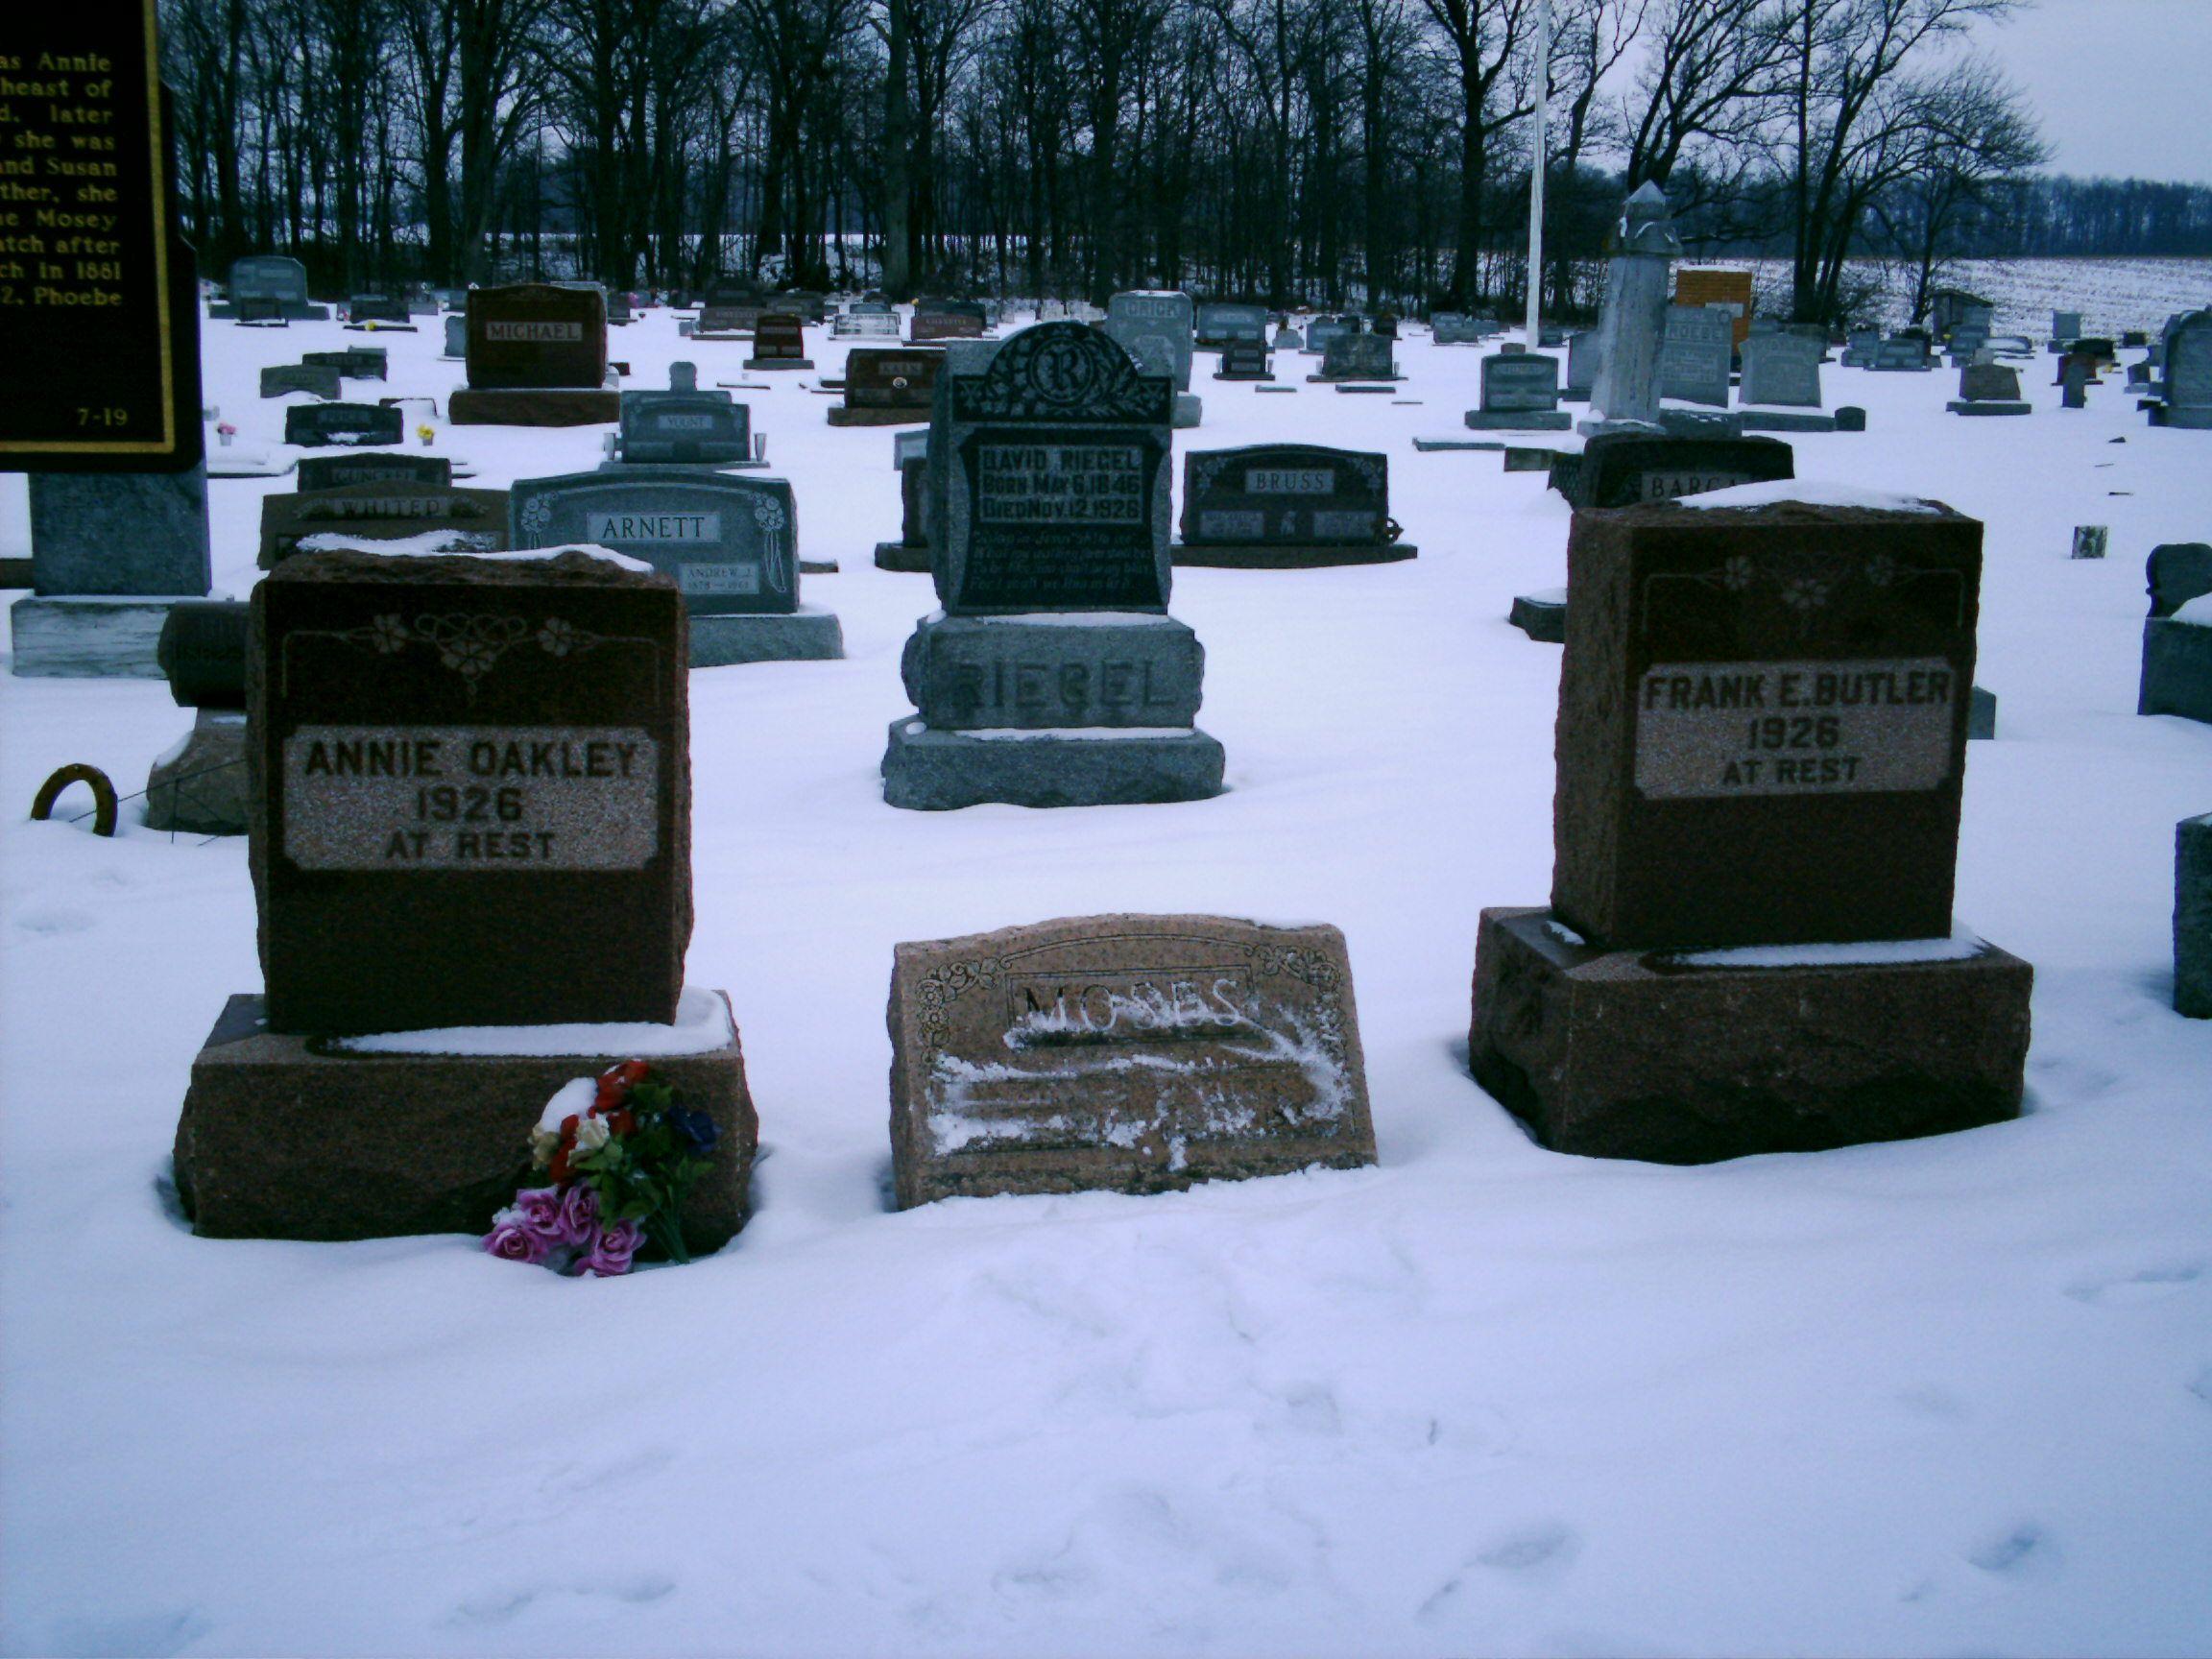 Ohio darke county north star - Brock Oh Darke County Annie Oakley Frank Butler S Graves In